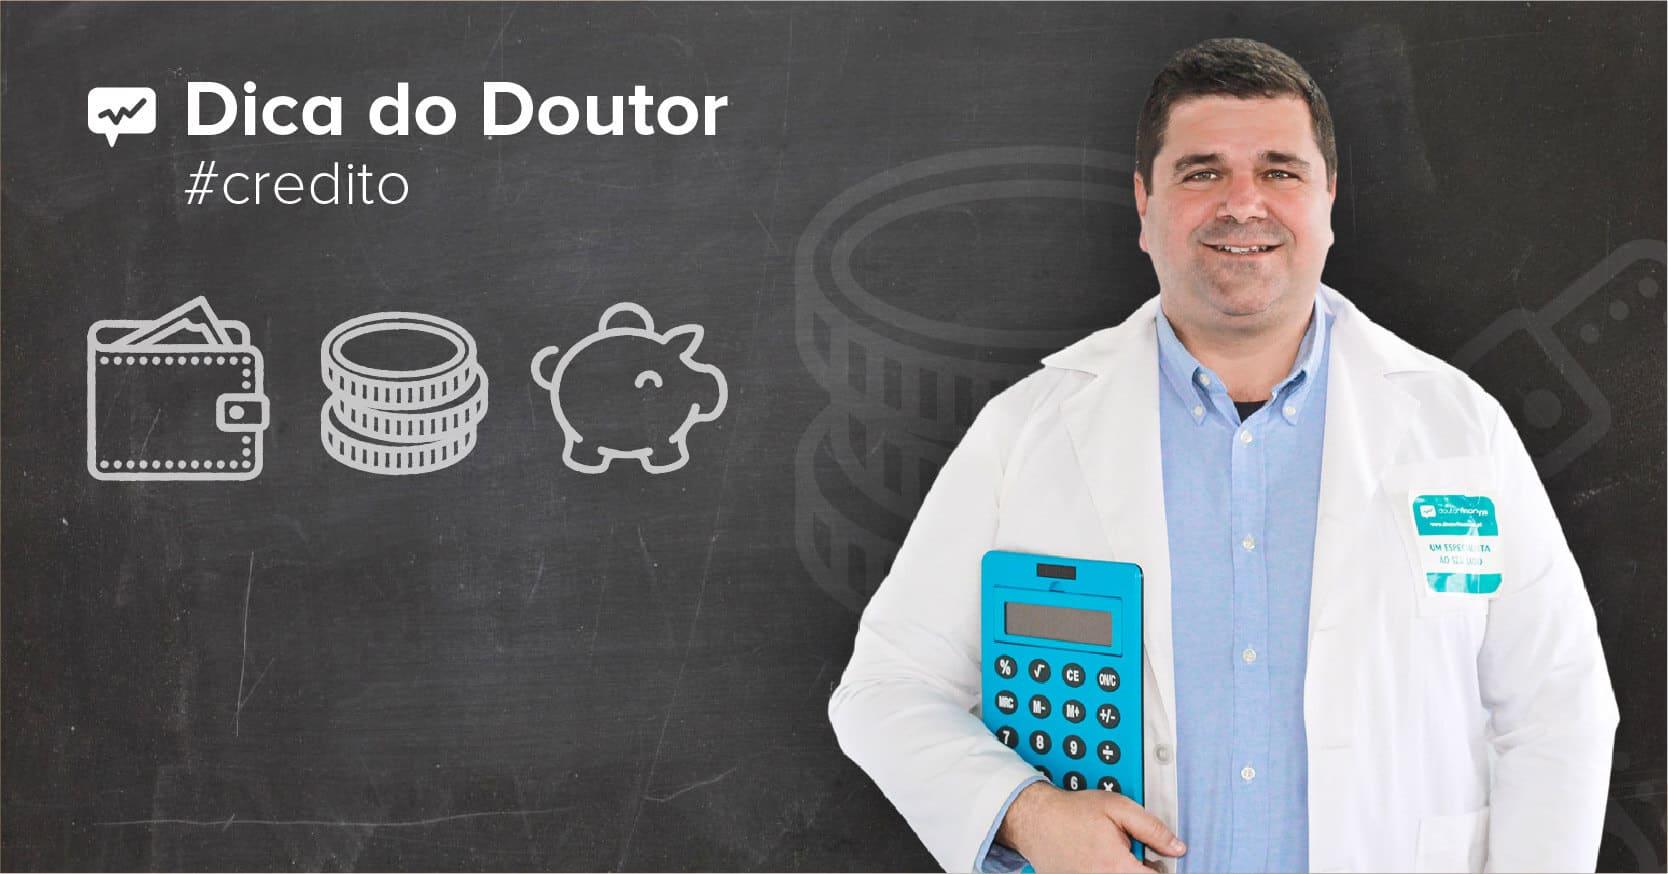 imagem dica do doutor